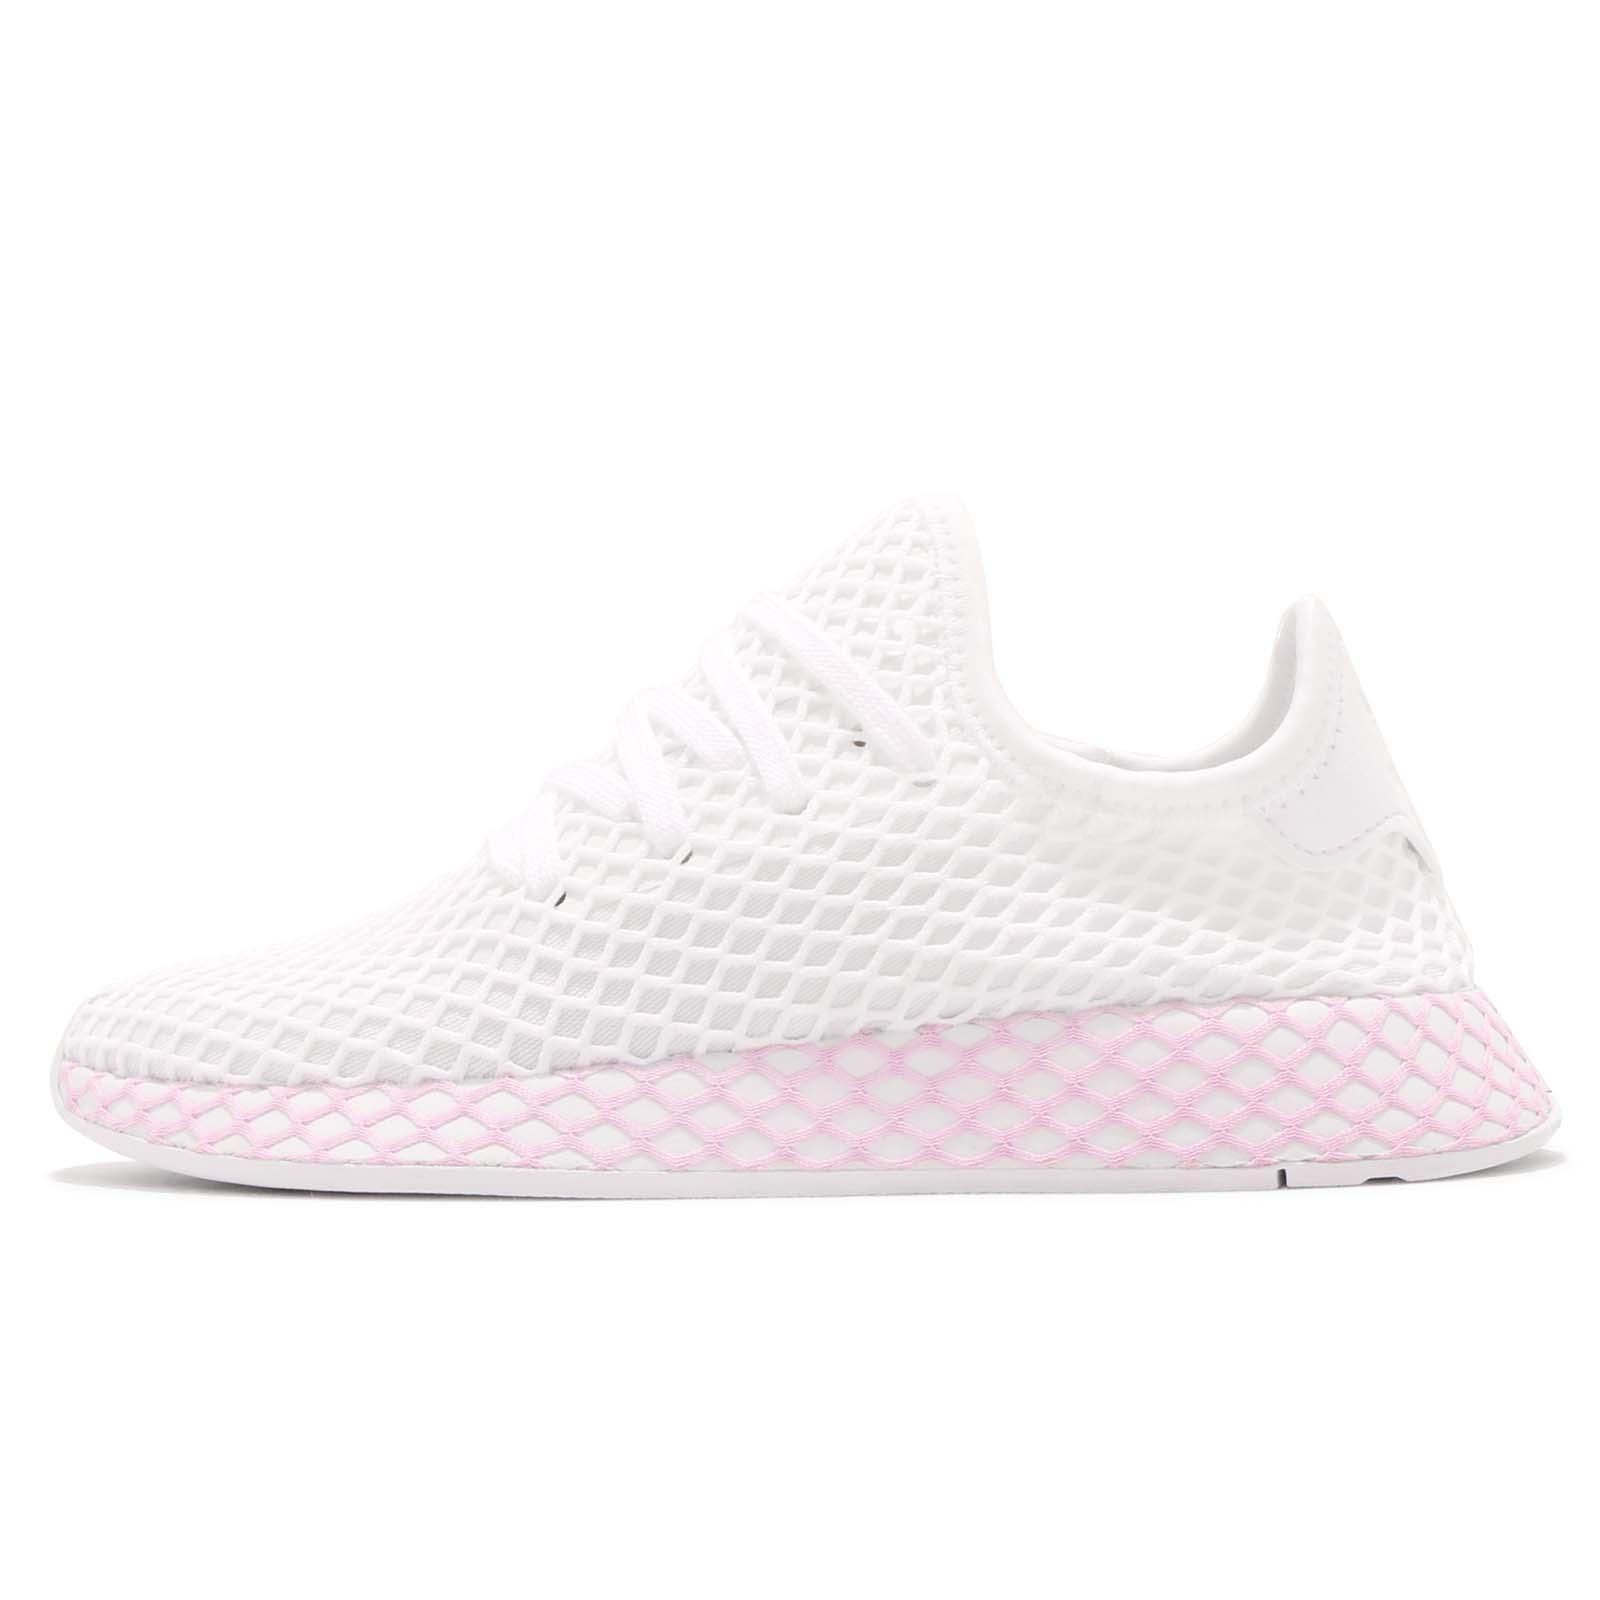 buy online ffe7d a020b adidas Originals Deerupt W Runner White Lilac Women Running Shoes Sneaker  B37601